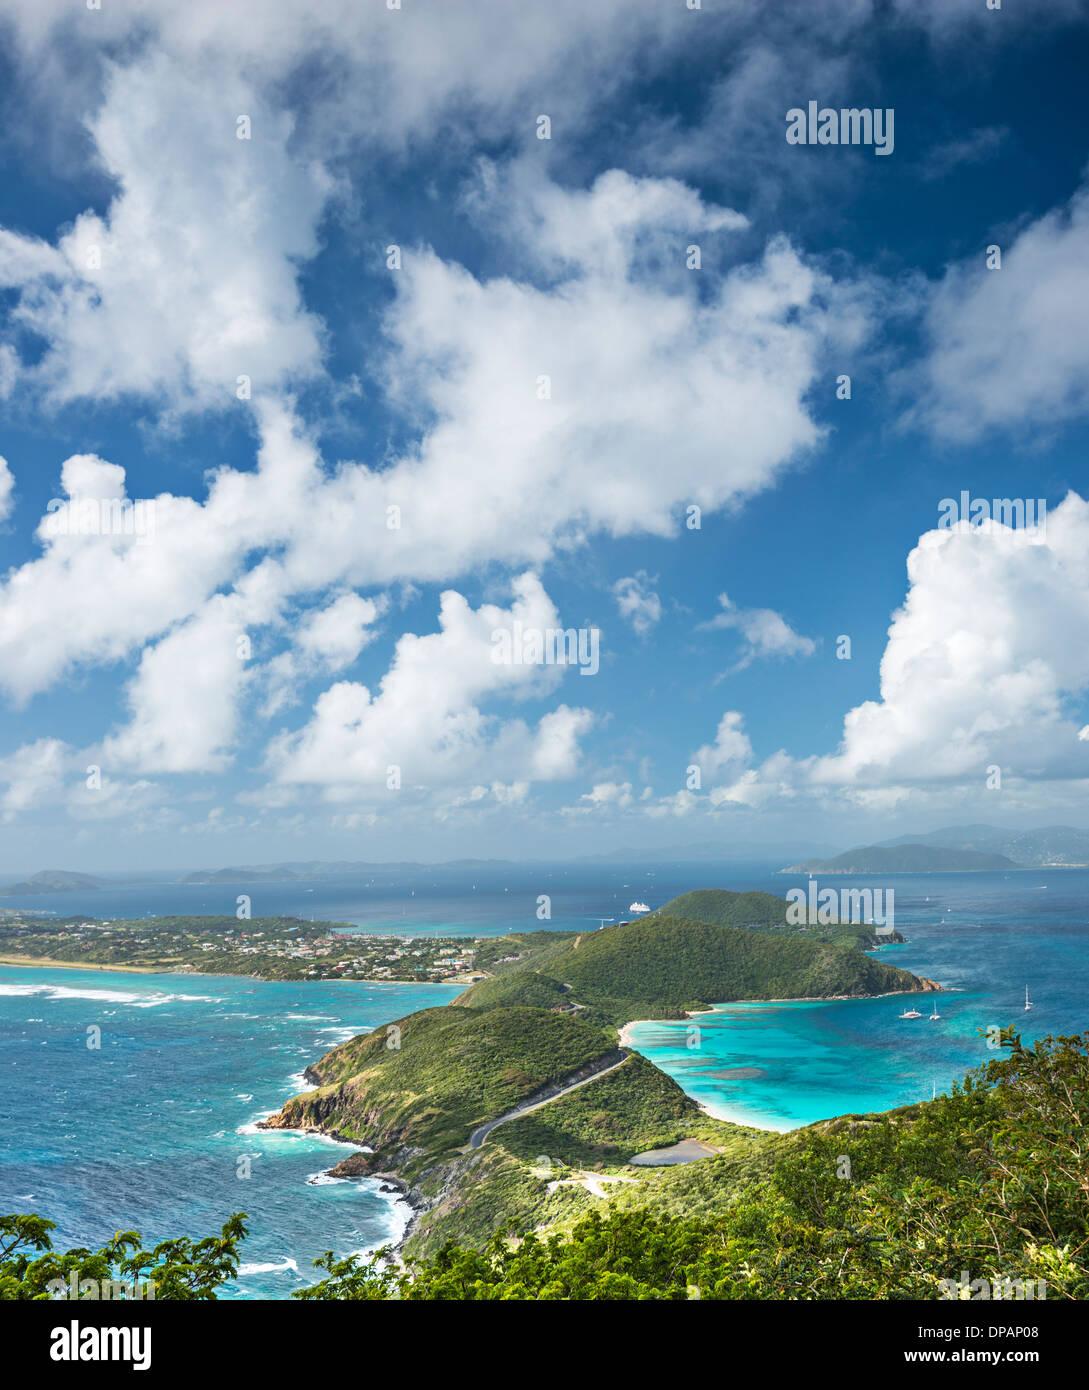 Virgin Gorda , Îles Vierges britanniques dans les Caraïbes. Banque D'Images